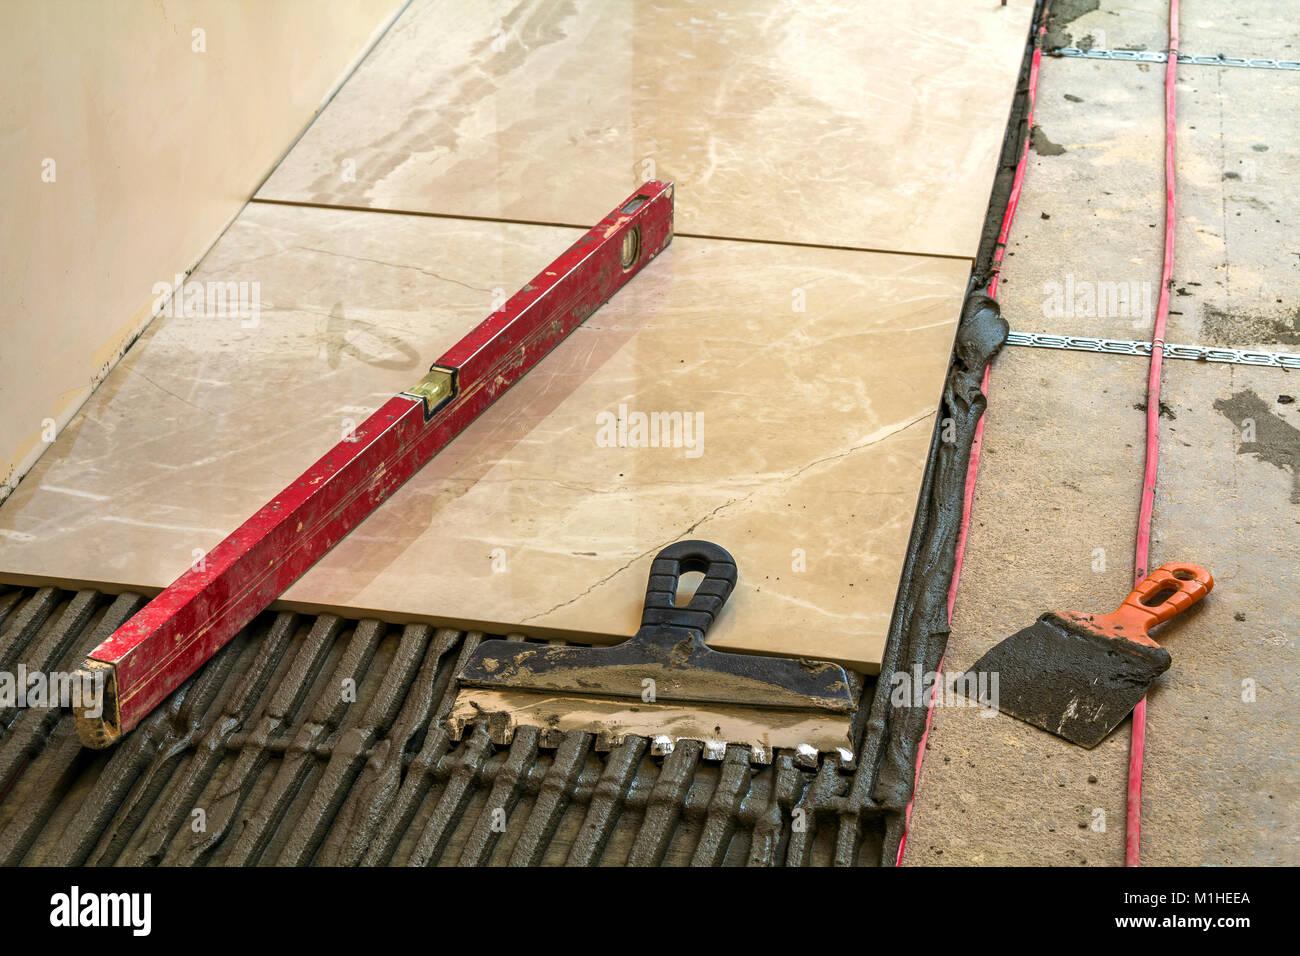 Fußboden Fliesen Renovieren ~ Keramische fliesen und werkzeuge für fliesenleger bodenfliesen